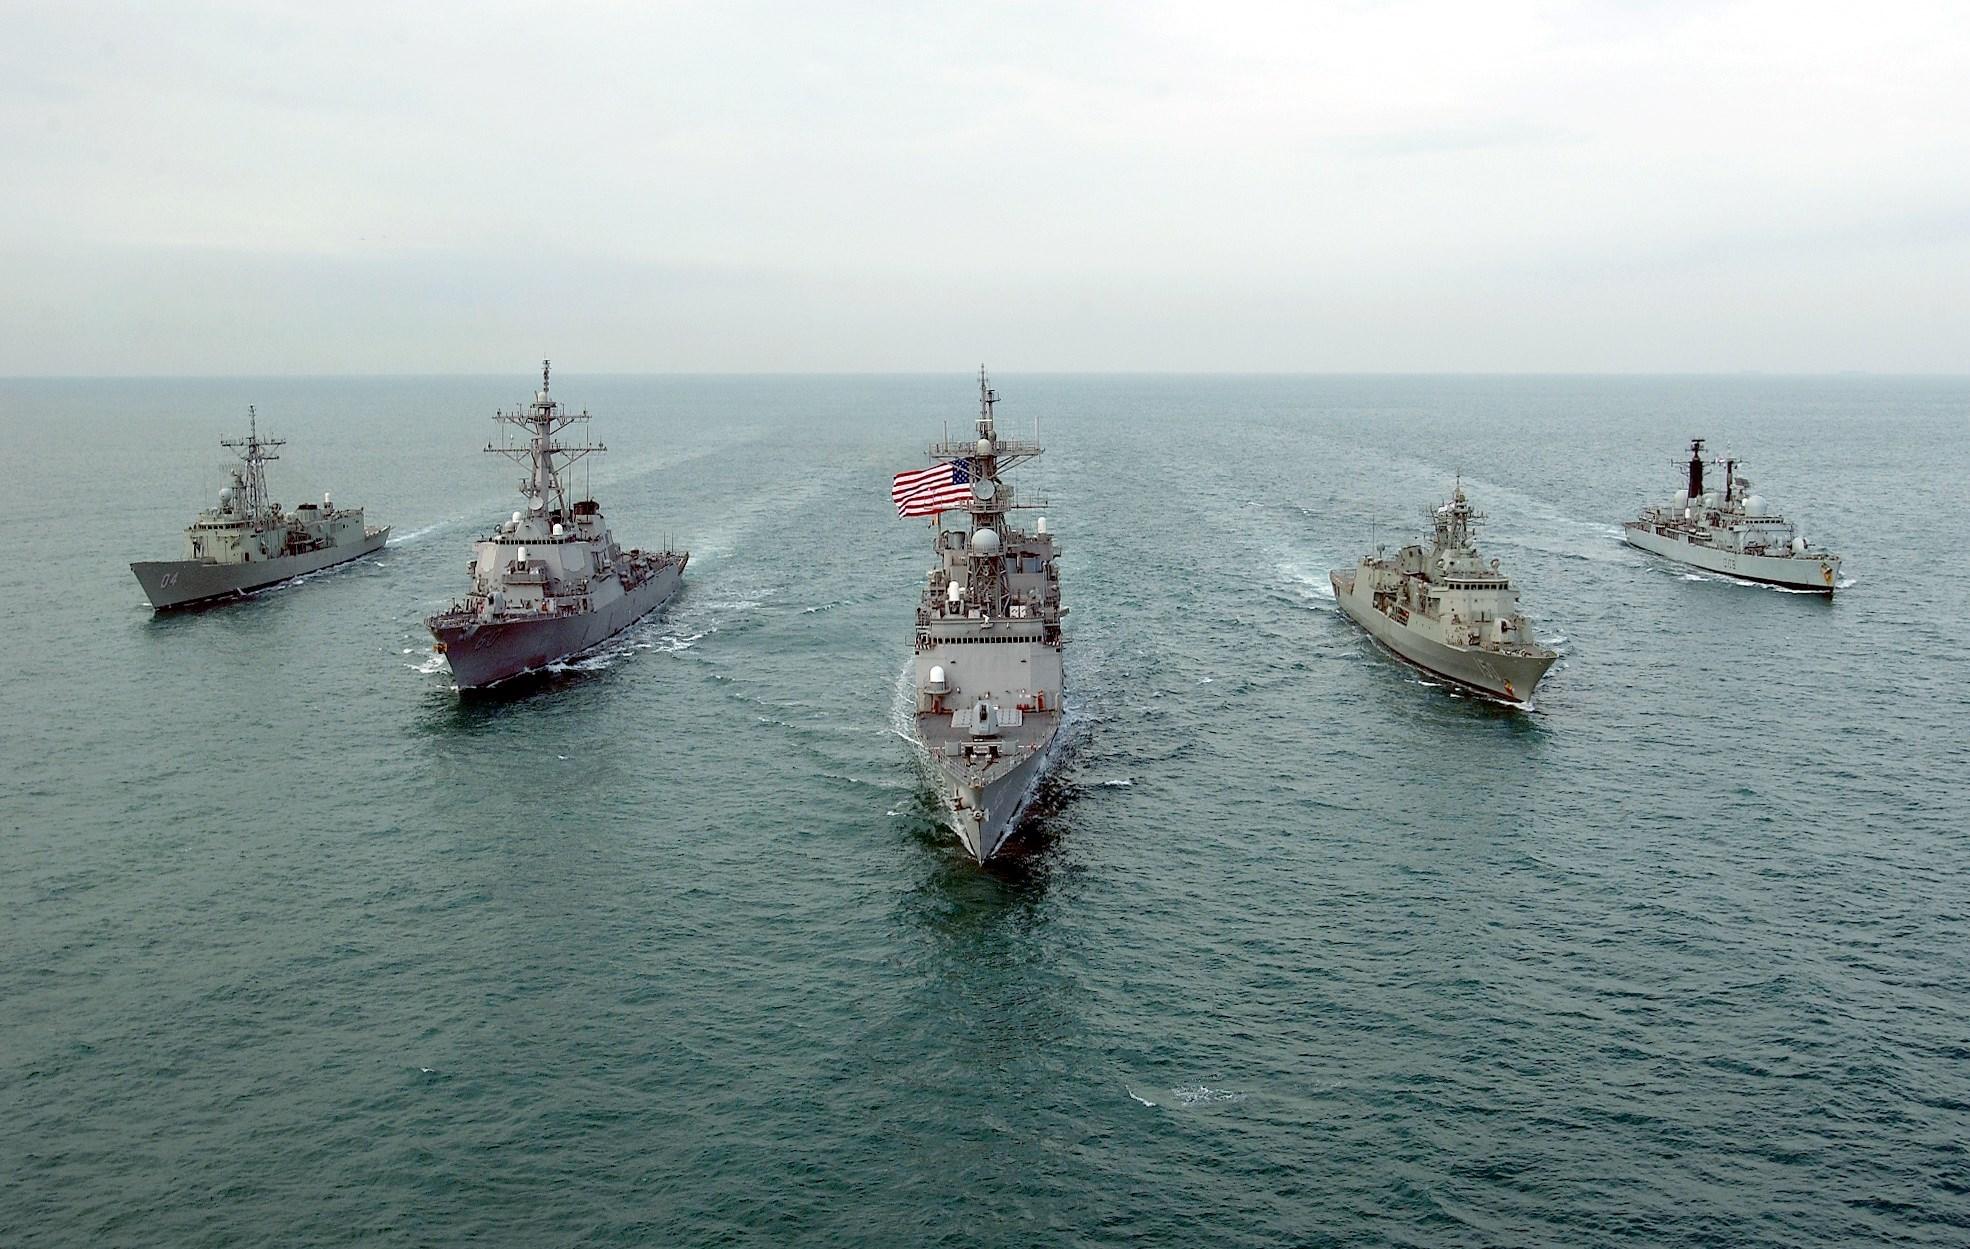 الأسطول الخامس للولايات المتحدة.